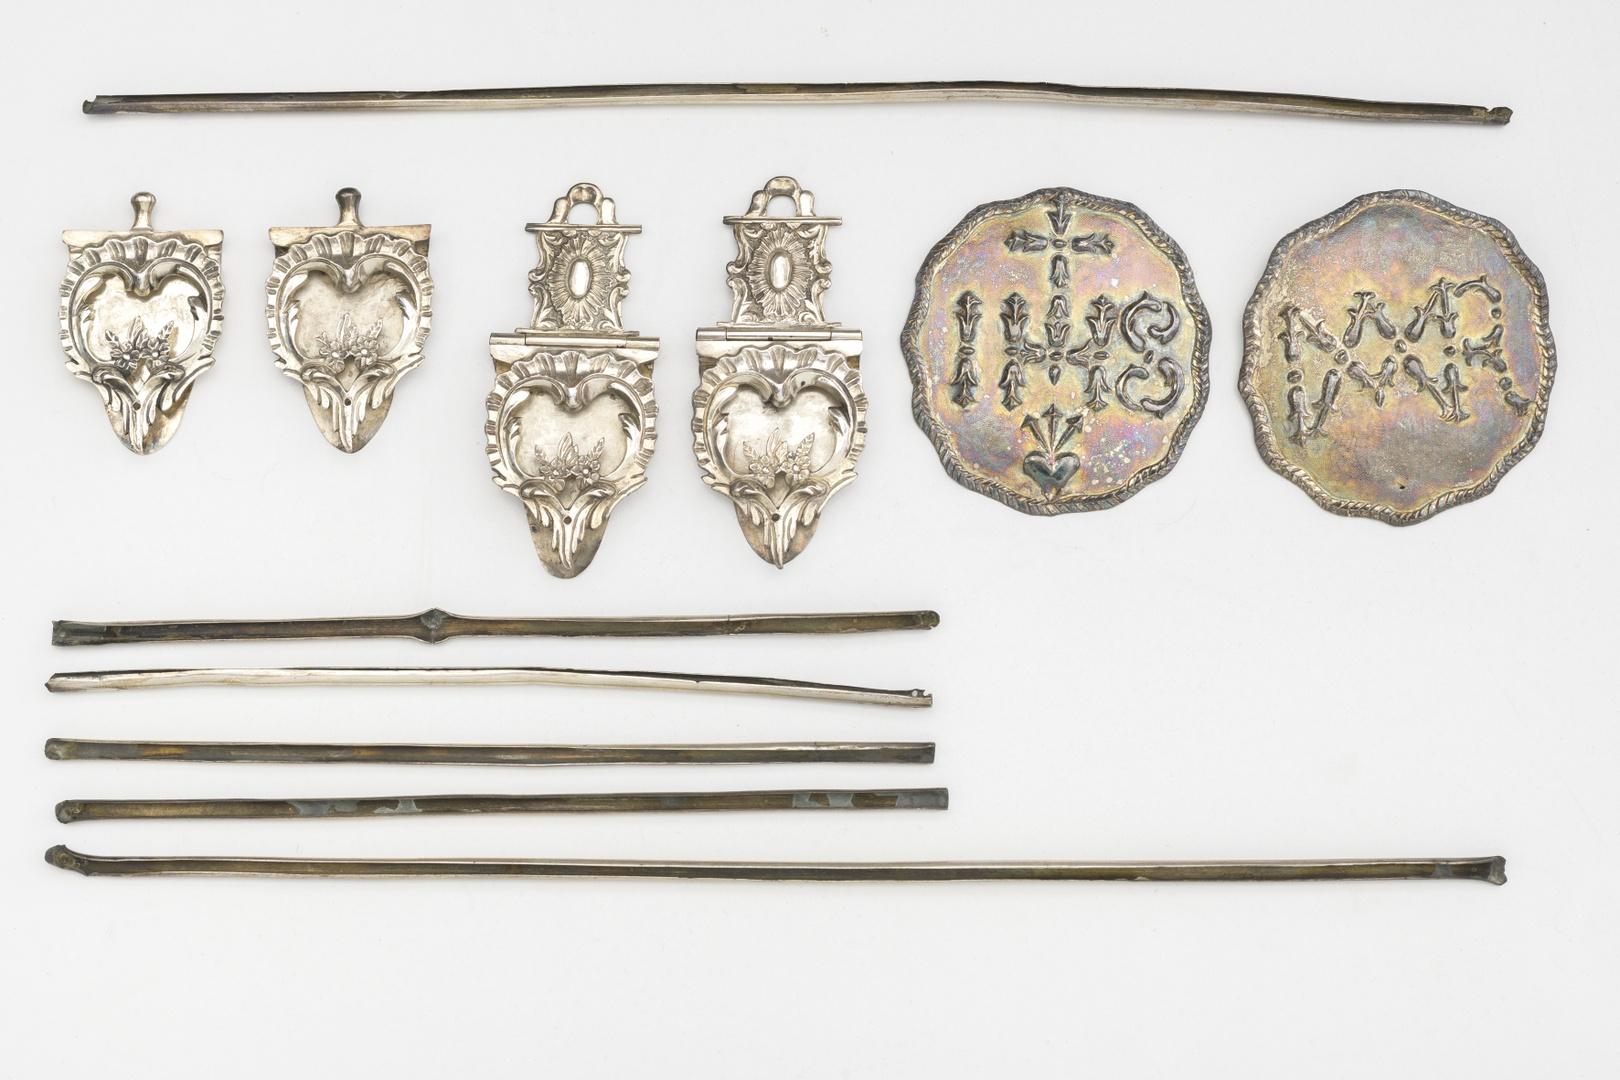 Boekbeslag, bestaande uit twee lange en vier korte randlijsten twee paar klampen en twee plaquettes